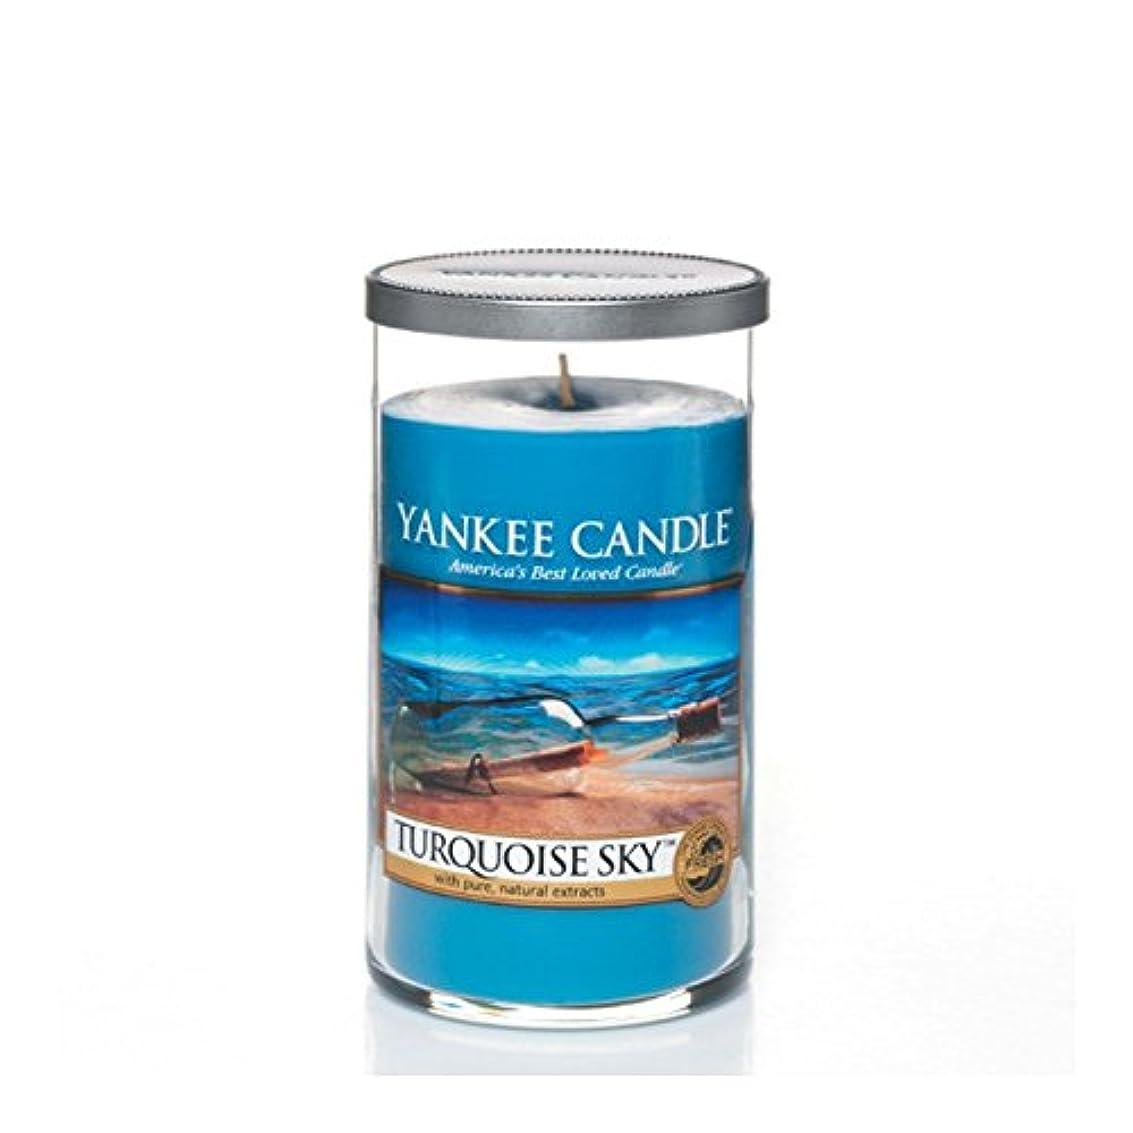 注釈を付ける連続した境界Yankee Candles Medium Pillar Candle - Turquoise Sky (Pack of 2) - ヤンキーキャンドルメディアピラーキャンドル - ターコイズの空 (x2) [並行輸入品]